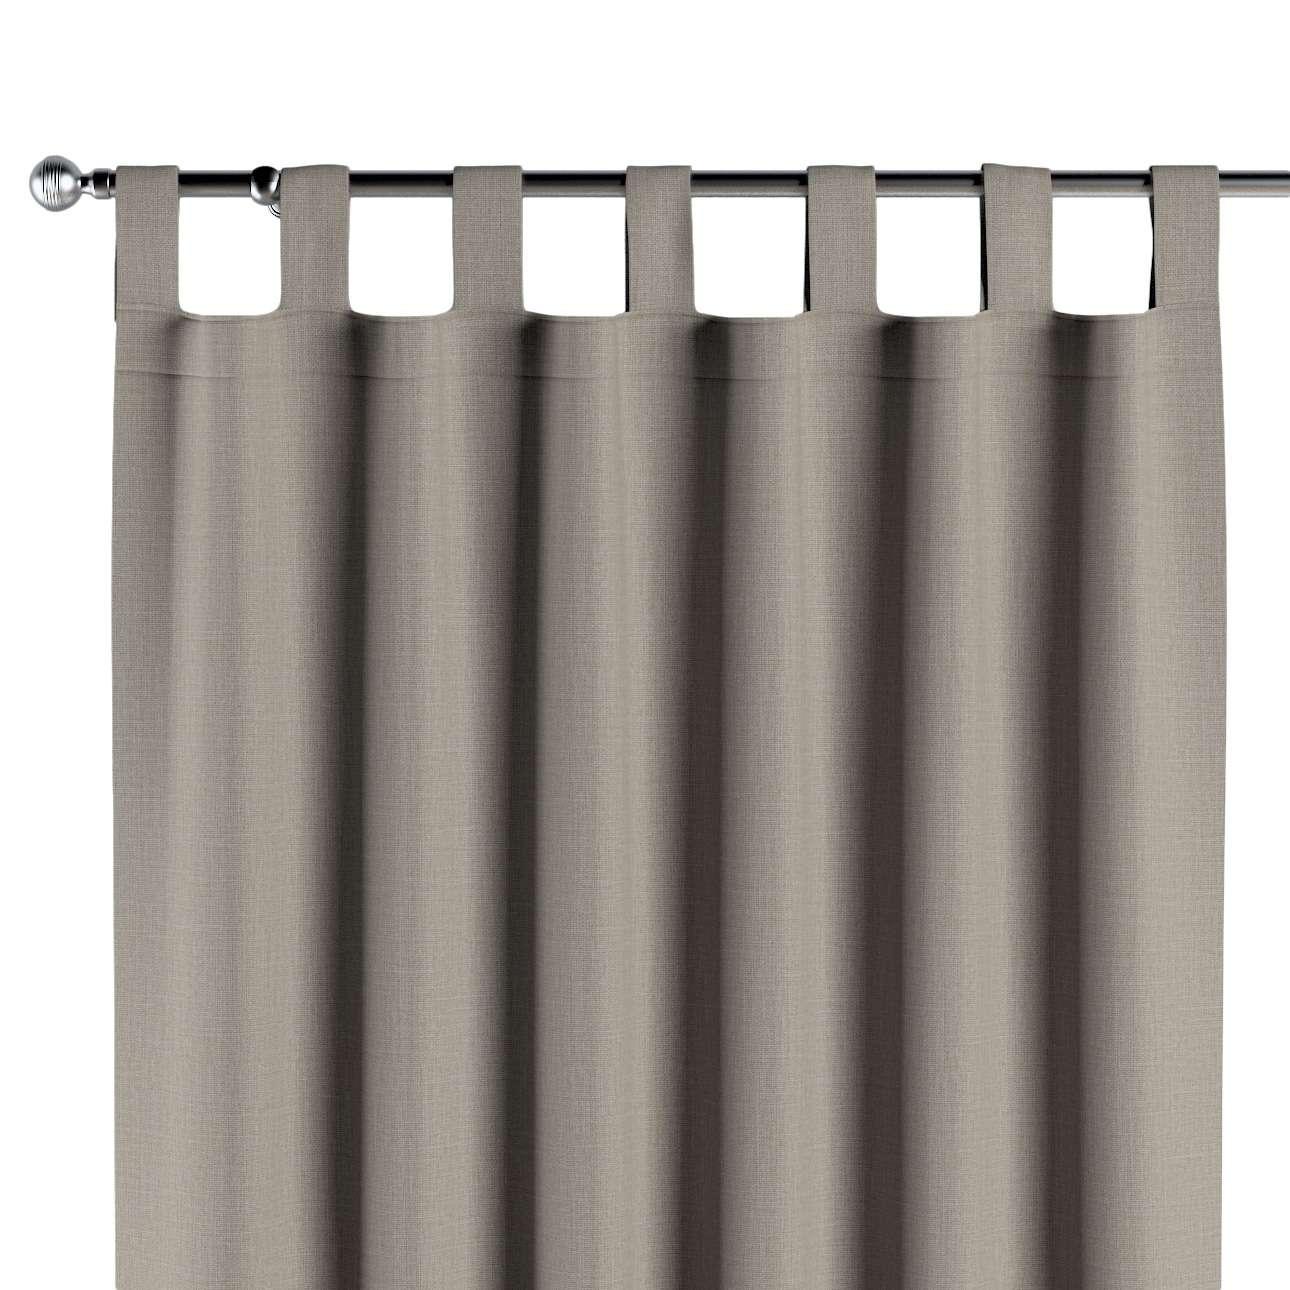 Záves zatemňujúci na pútkach V kolekcii Blackout 280 cm, tkanina: 269-11